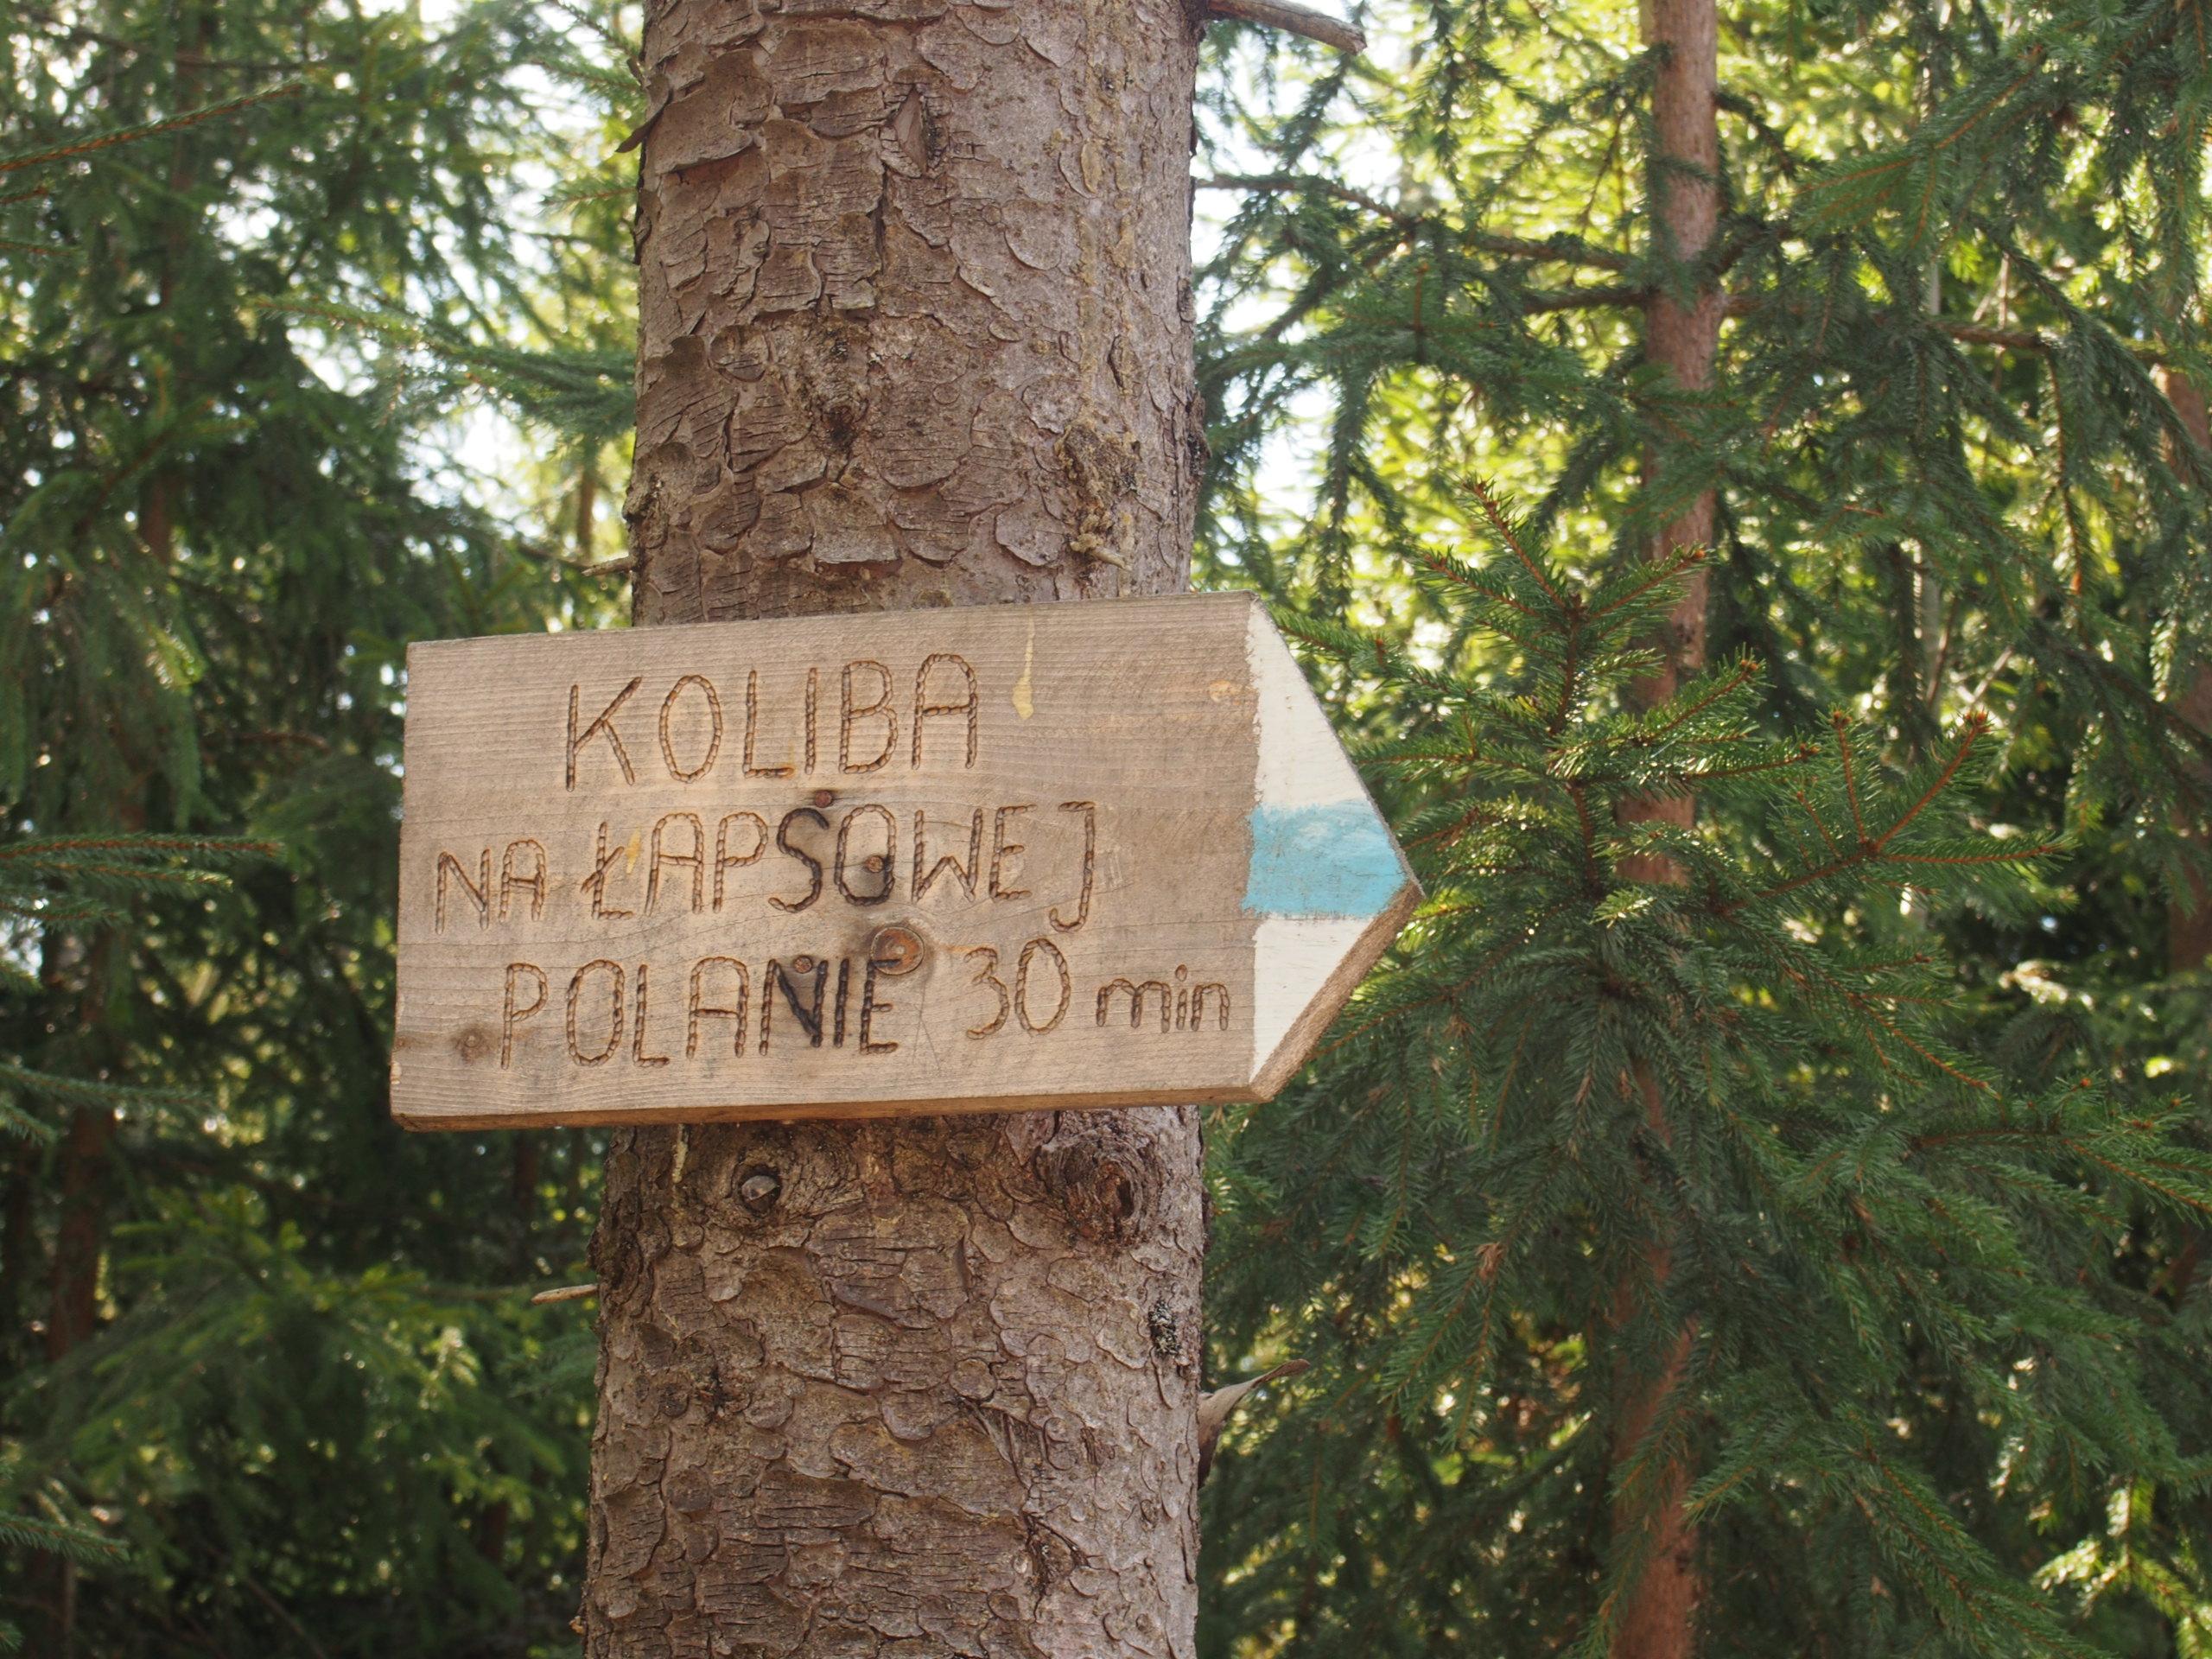 Tabliczna z niebieskim szlakiem turystycznym - Koliba na Łapsowej Polanie 30 min